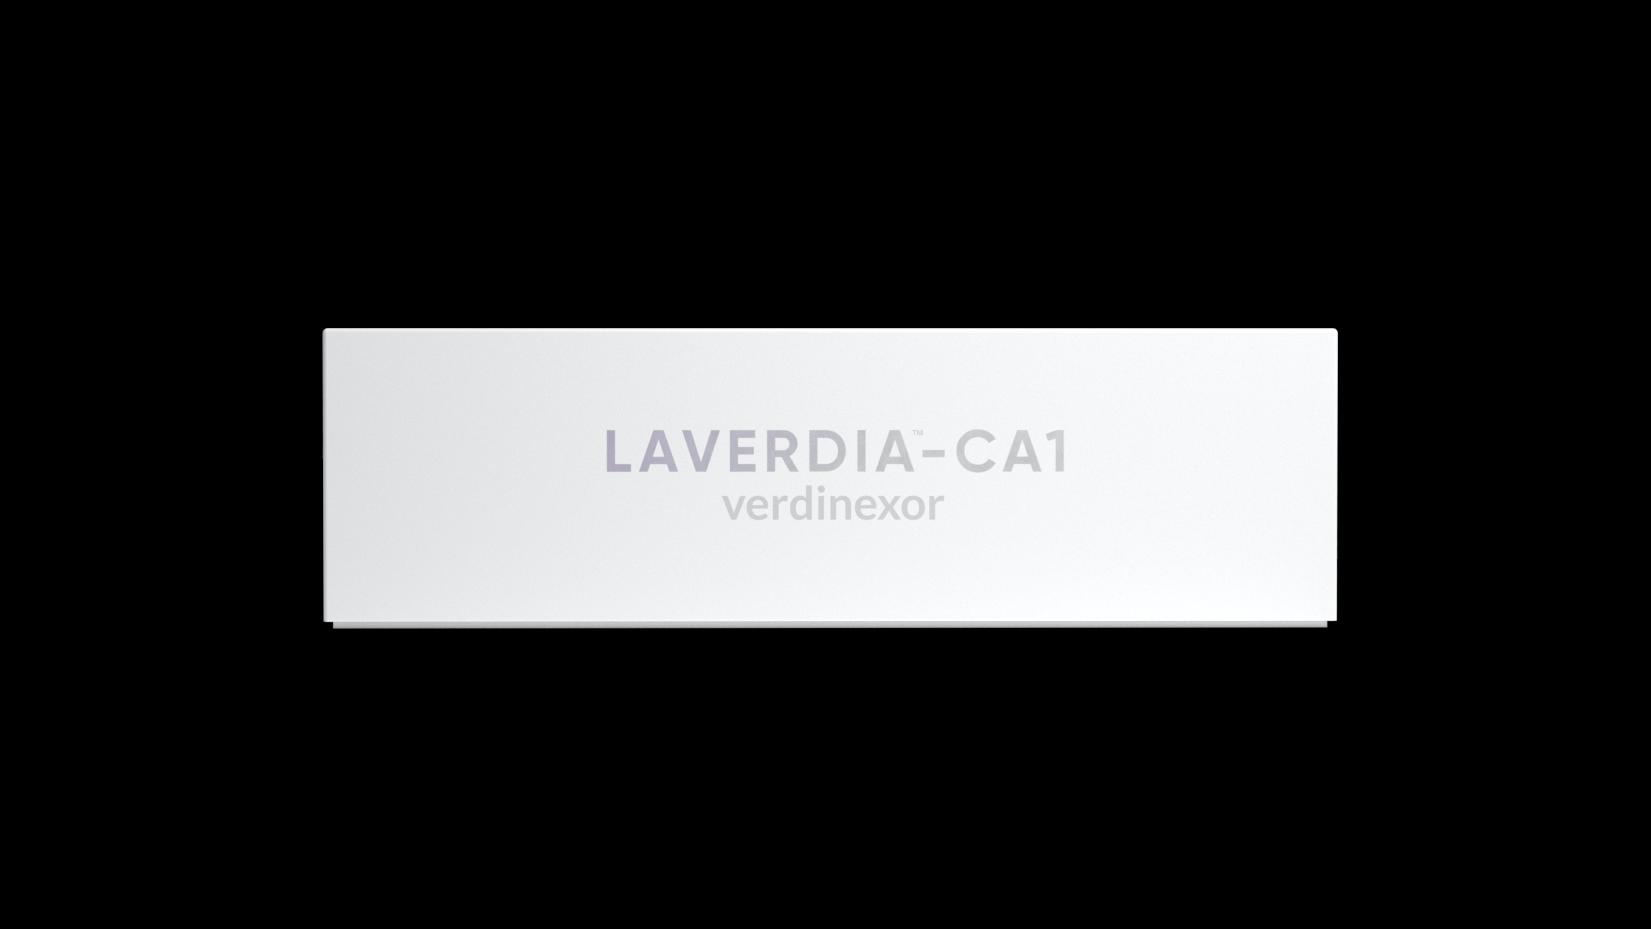 Anivive's Laverdia Starter Kit